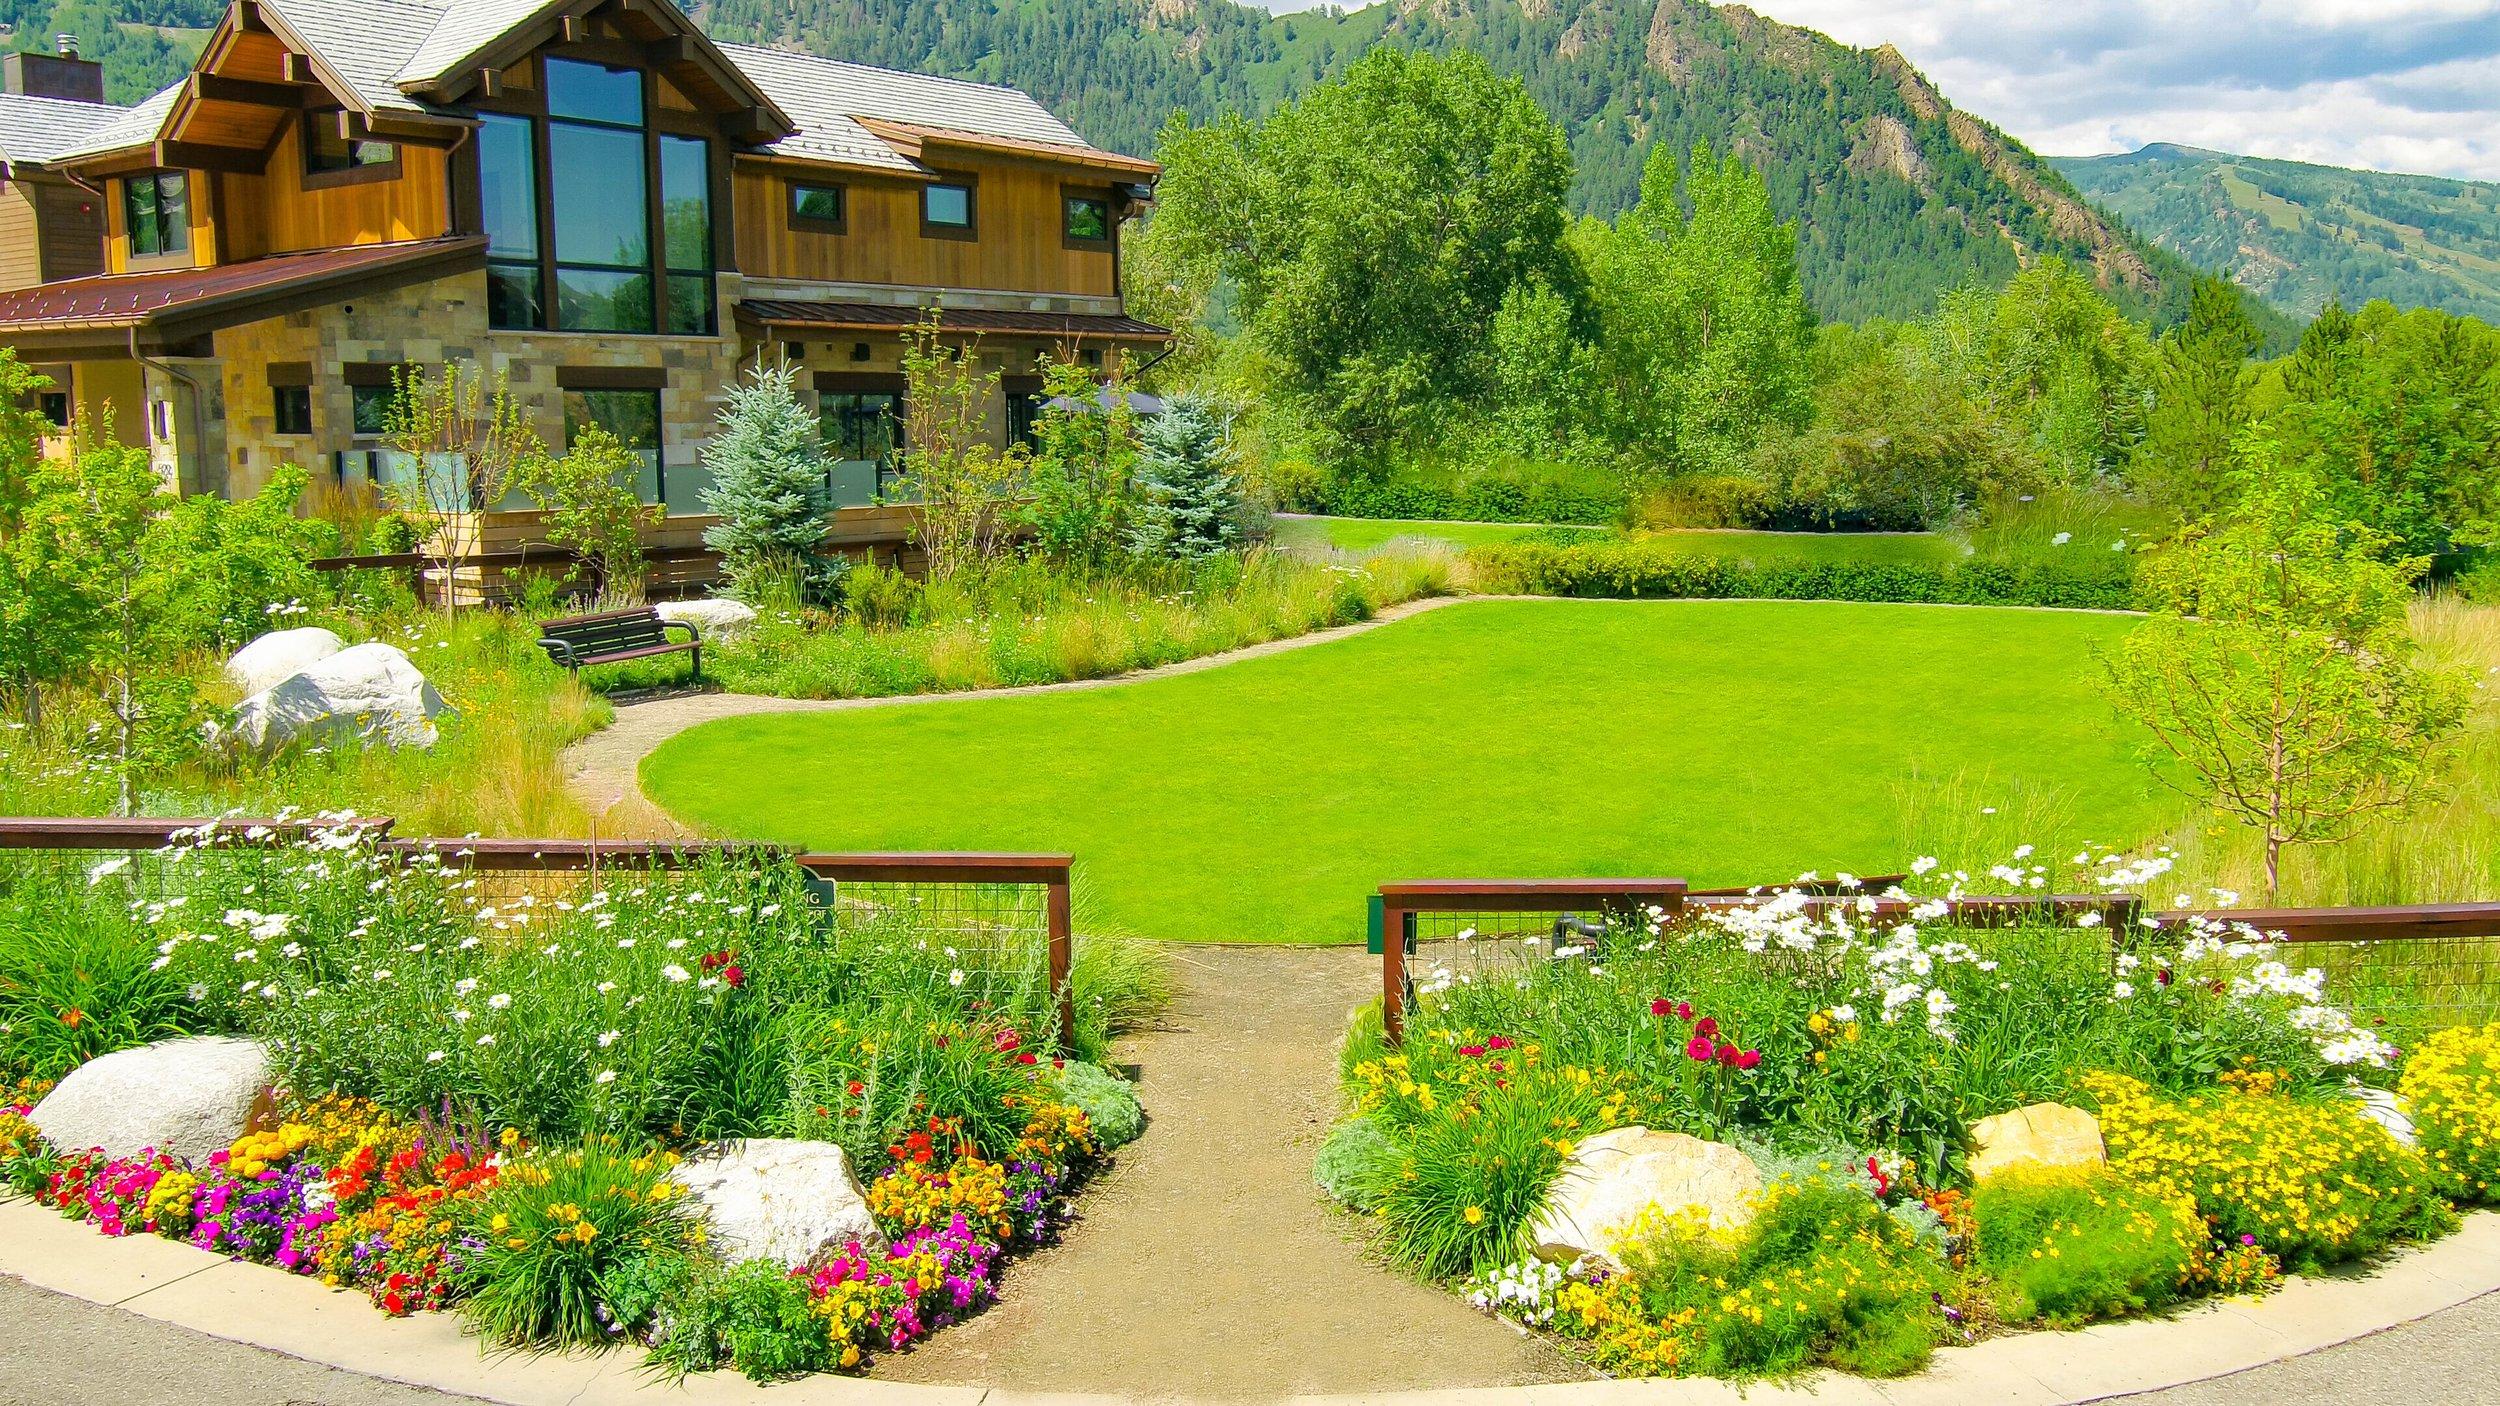 Aspen Park Landscape Architecture